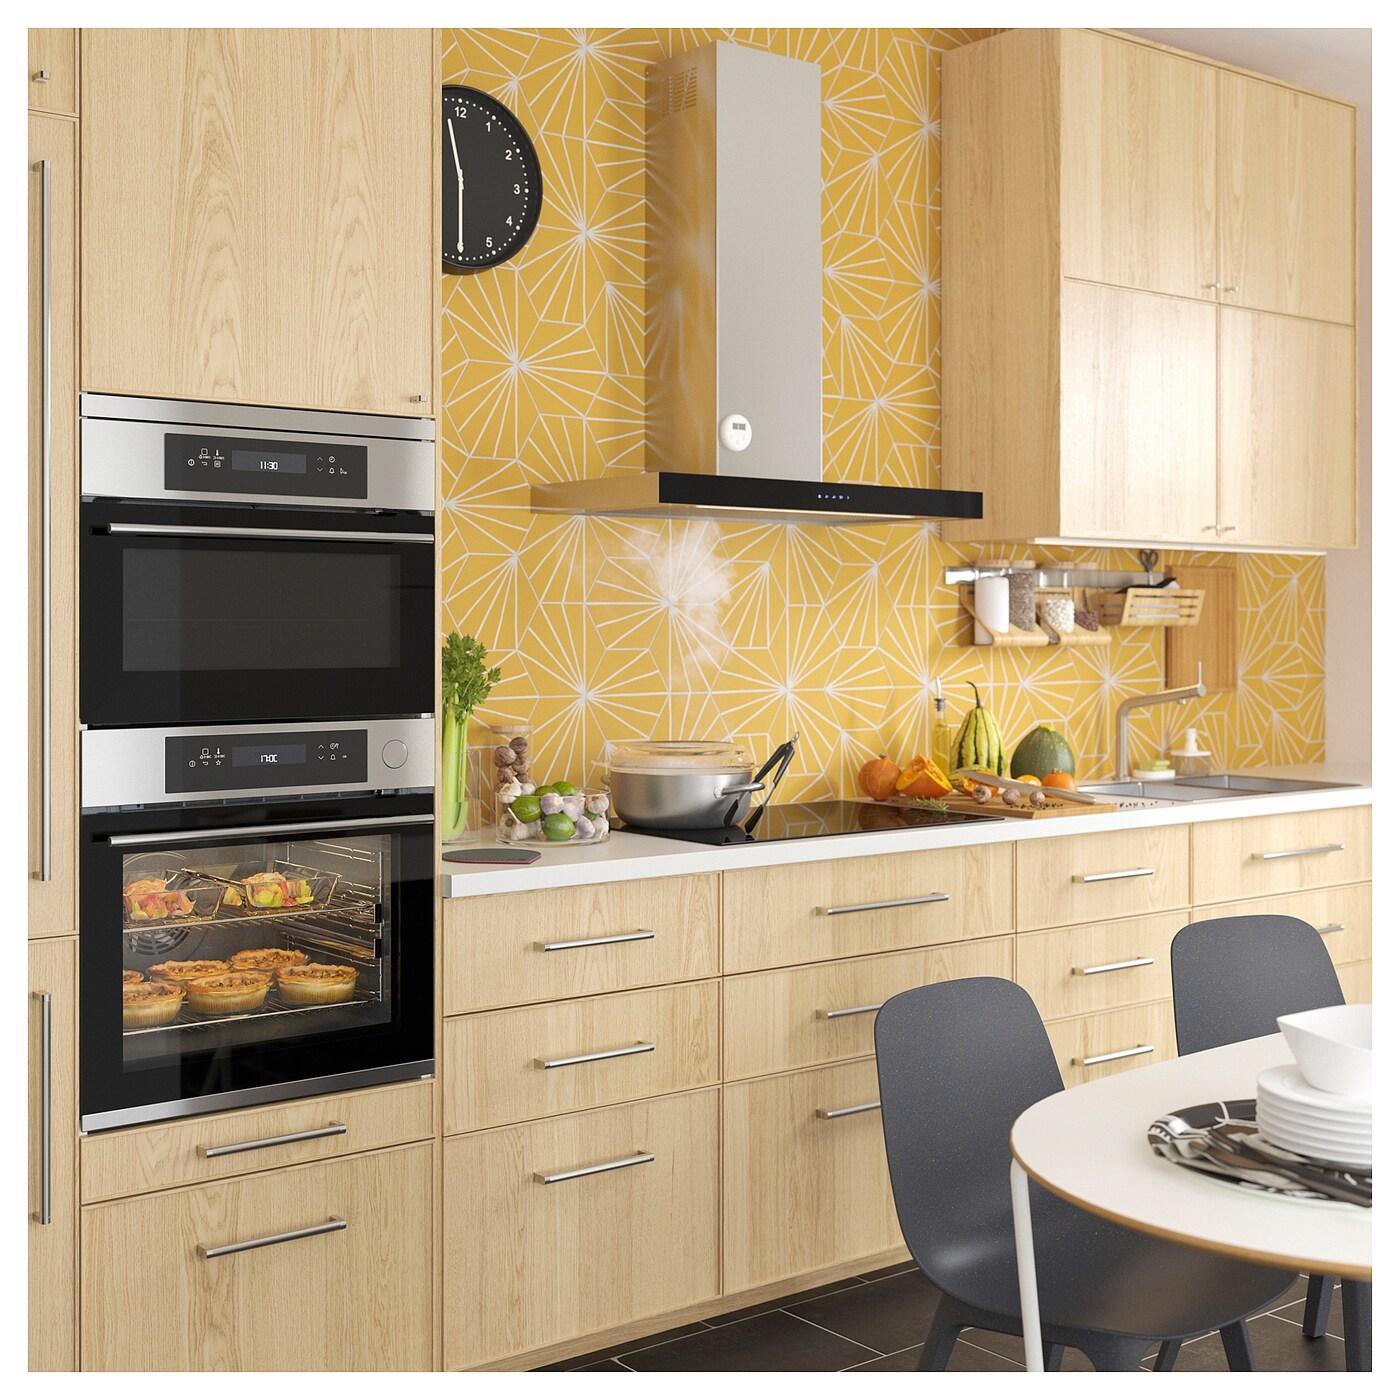 Kulinarisk Mikrowelle Mit Heissluft Ikea Osterreich